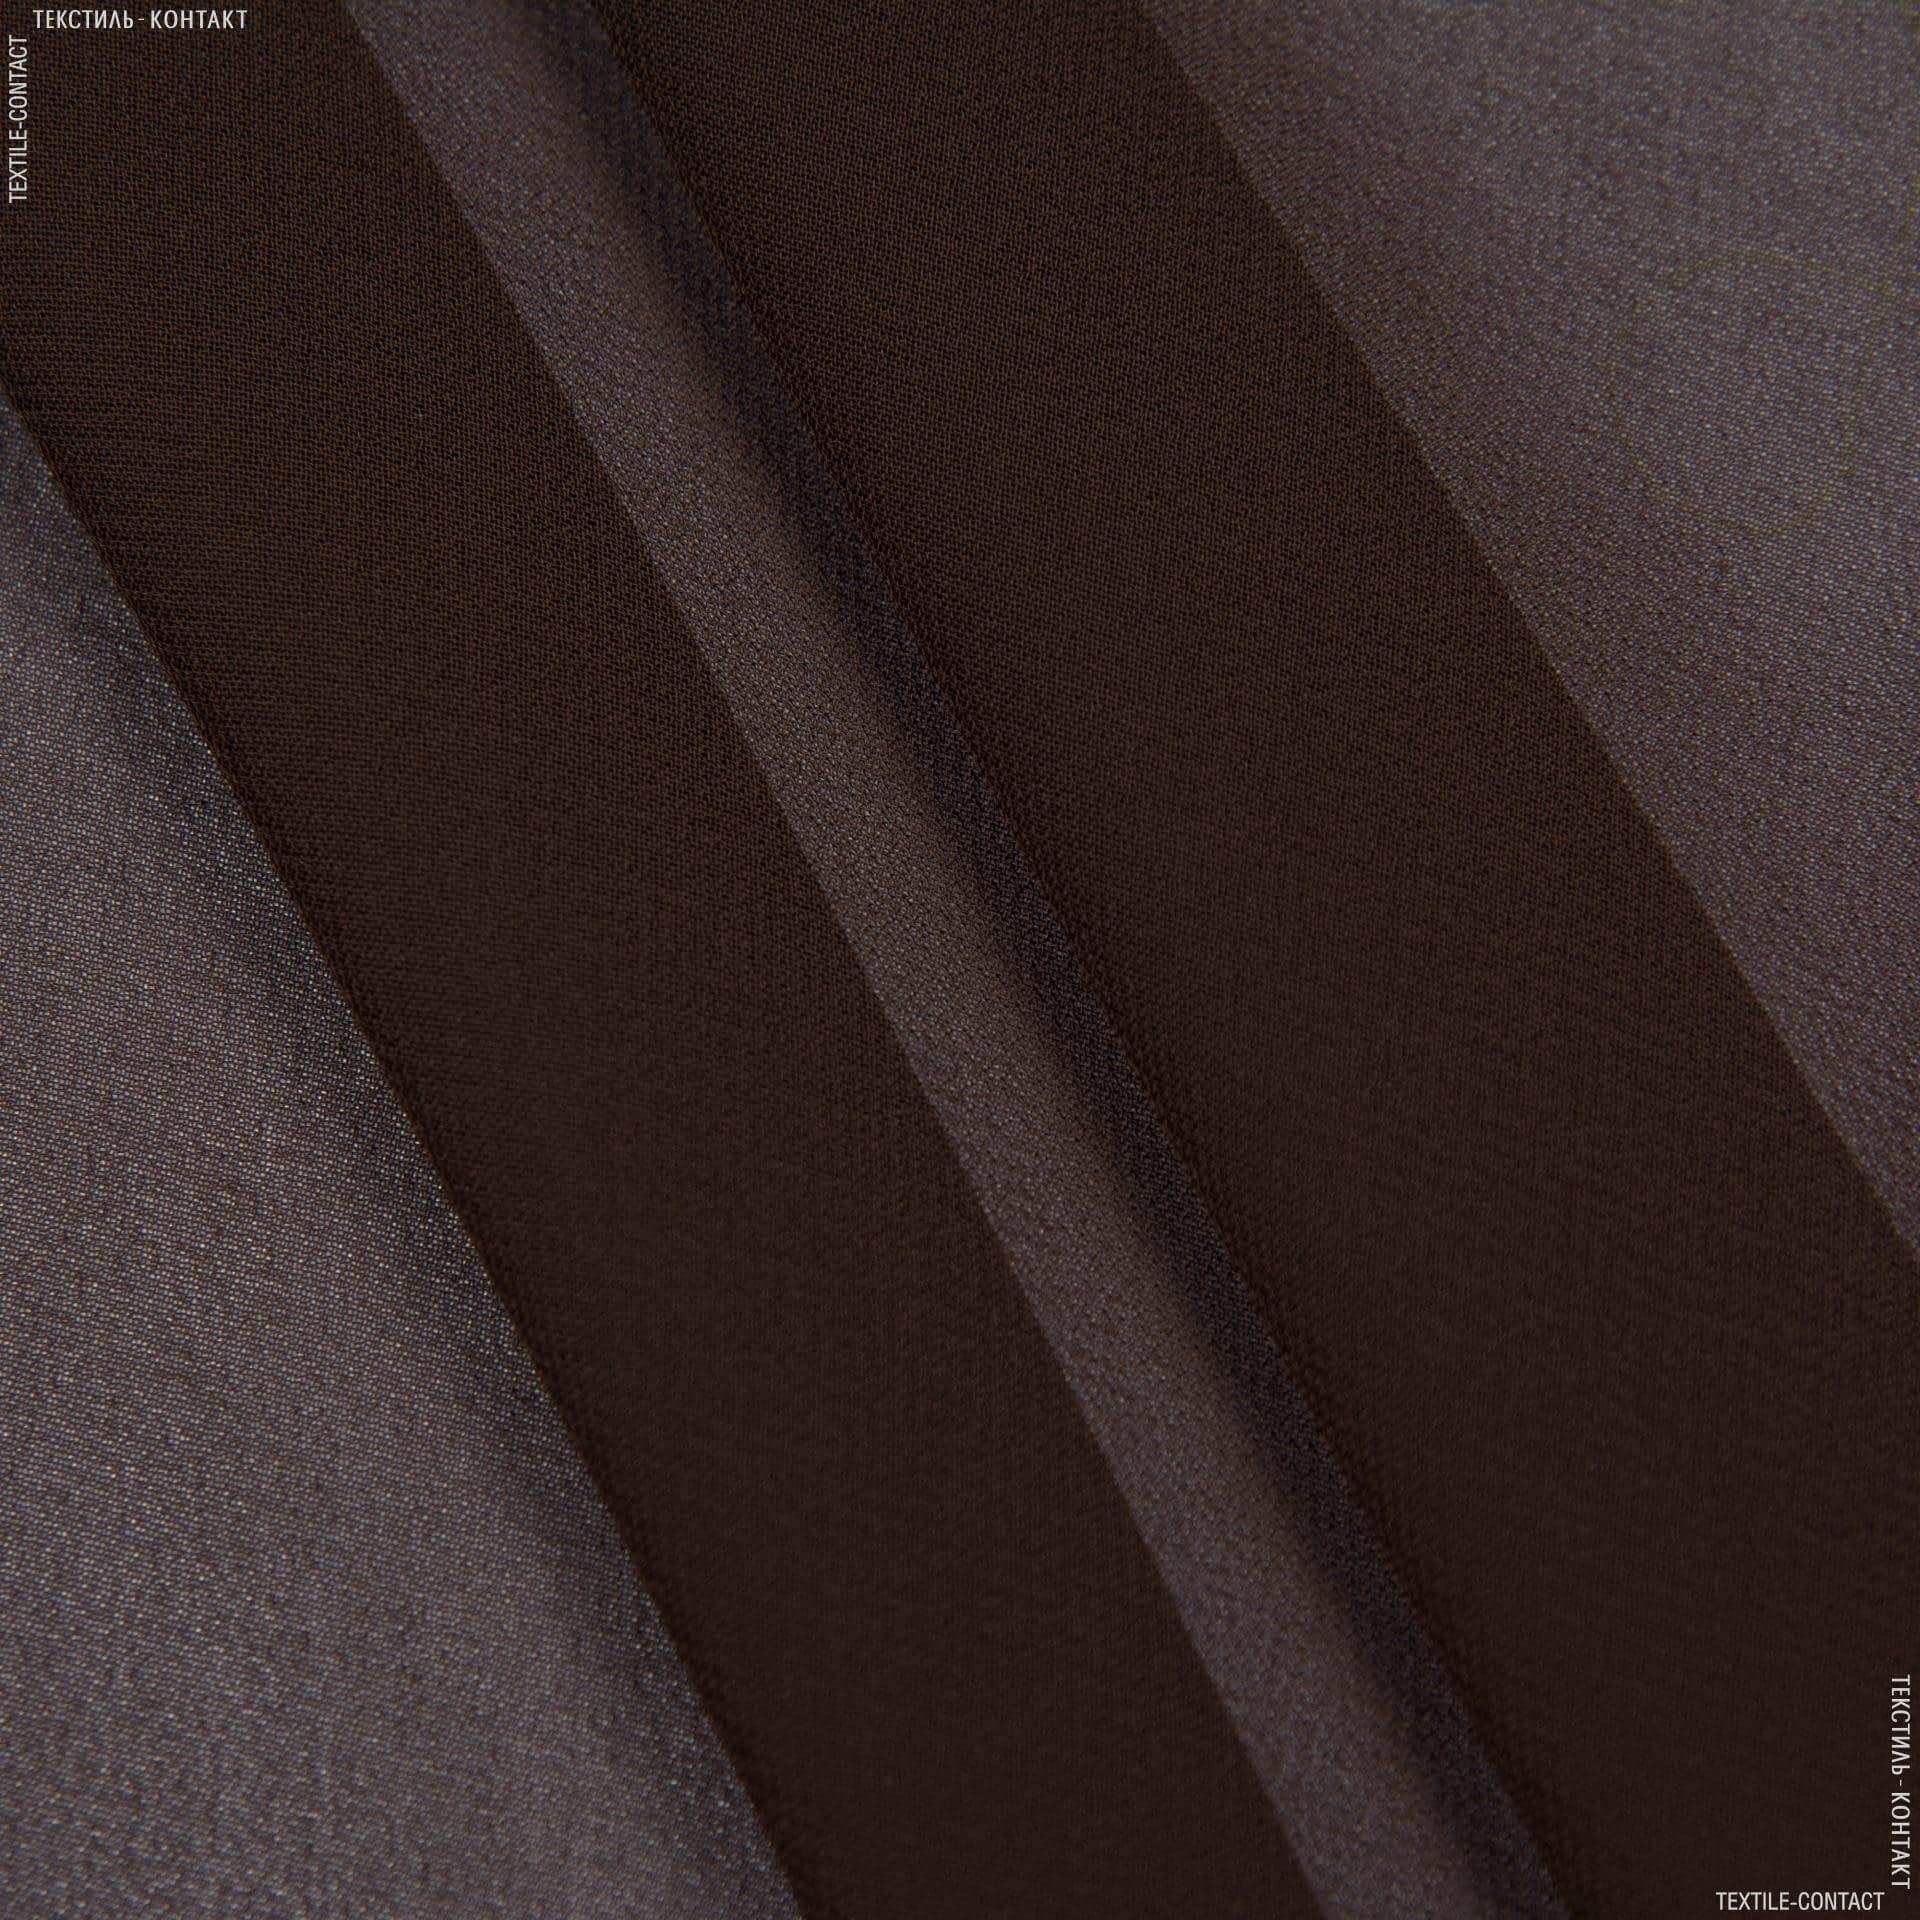 Тканини для хусток та бандан - Шифон мульті темно-коричневий